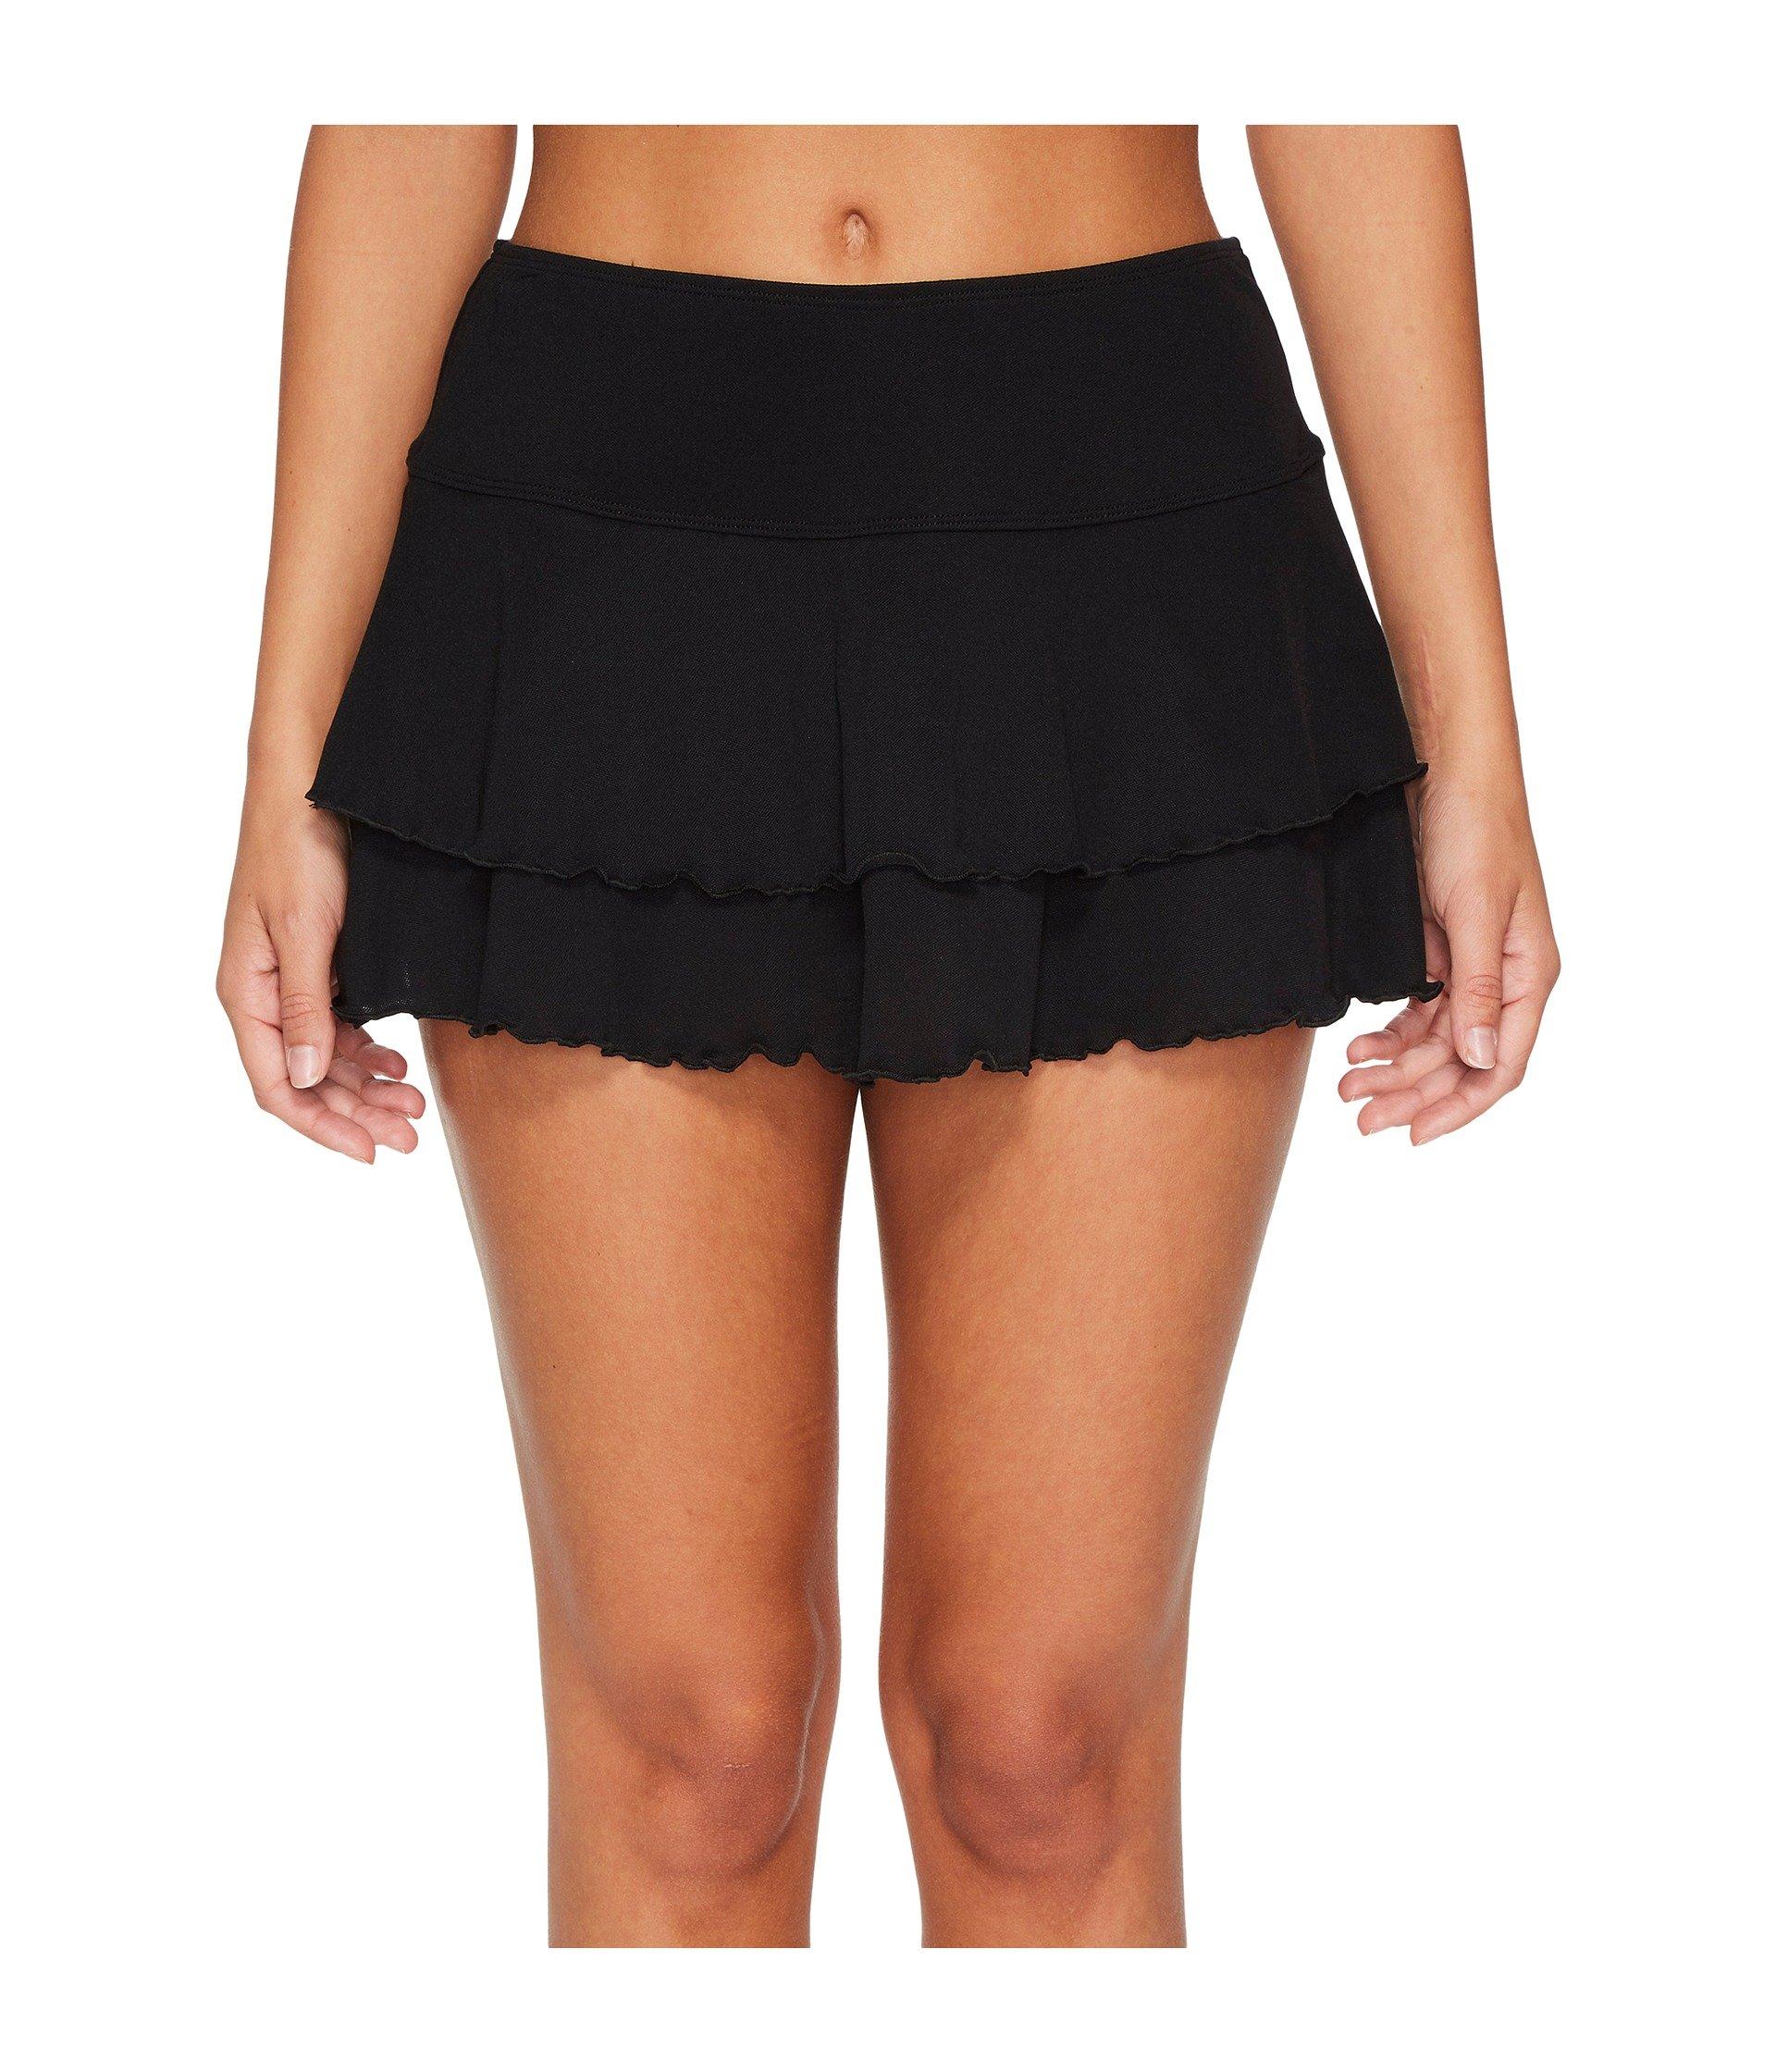 Smoothies Glove Skirt Body Lambada Black 7UqnOFx4